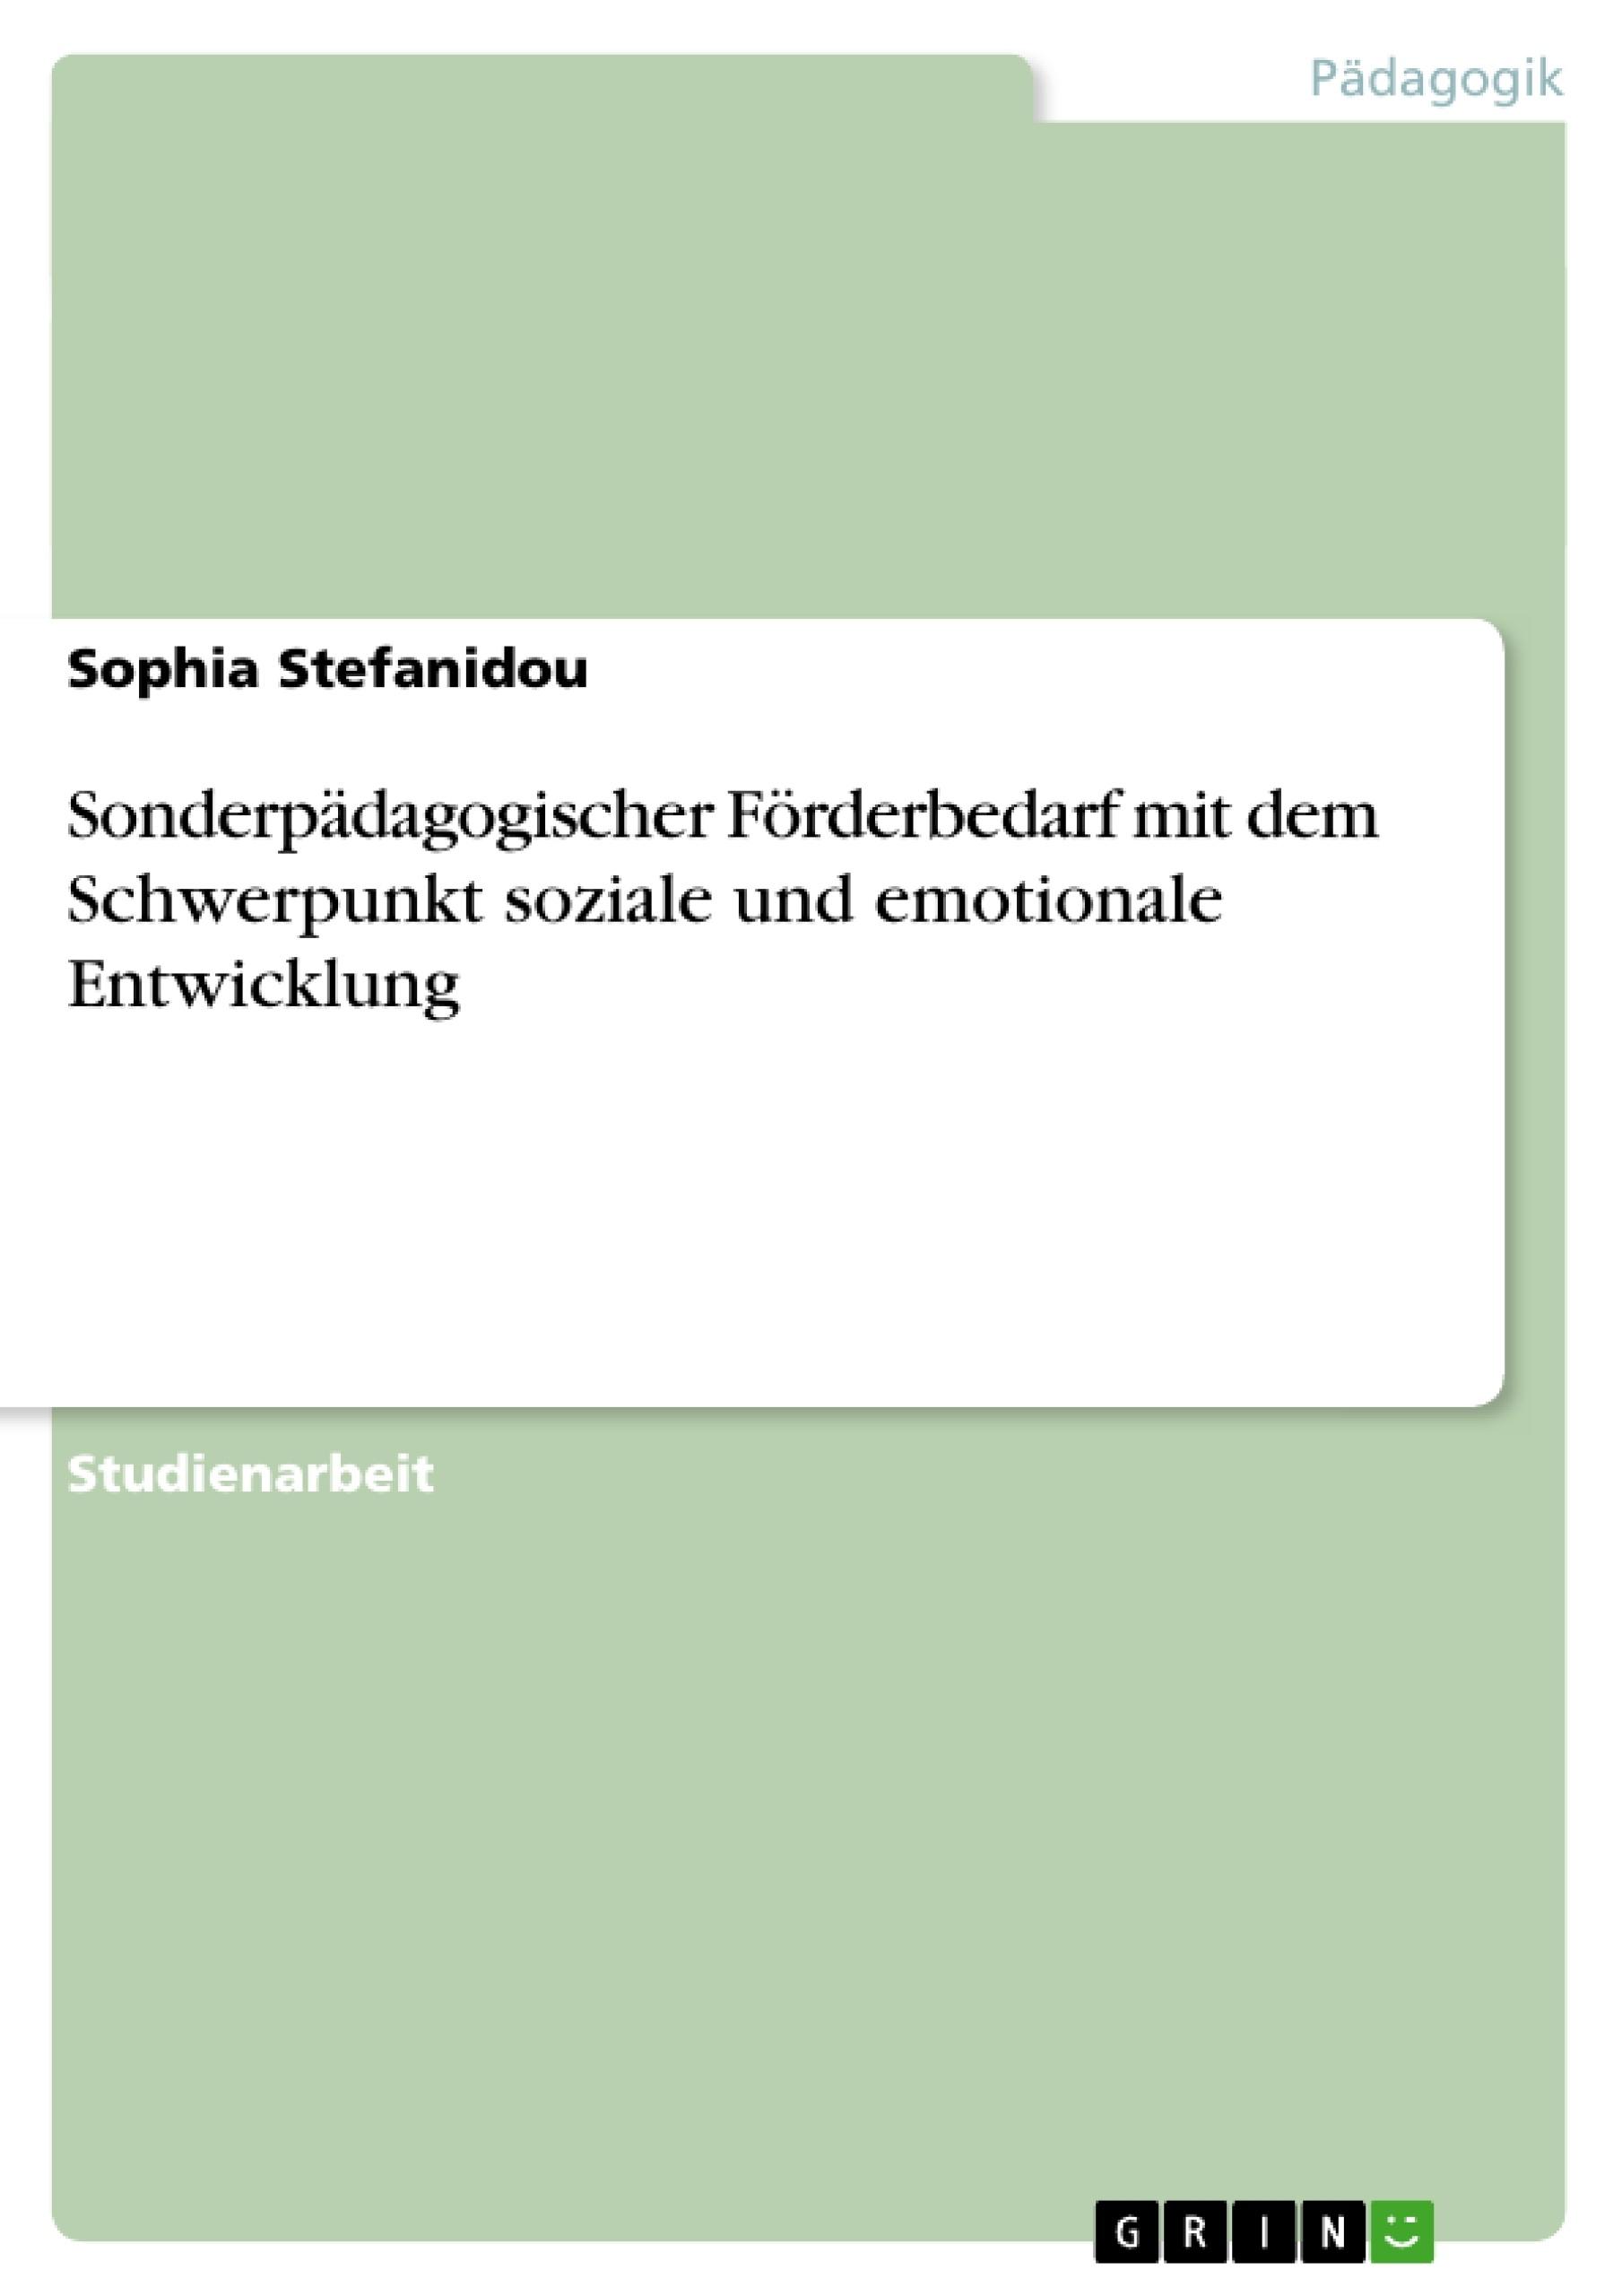 Titel: Sonderpädagogischer Förderbedarf mit dem Schwerpunkt soziale und emotionale Entwicklung